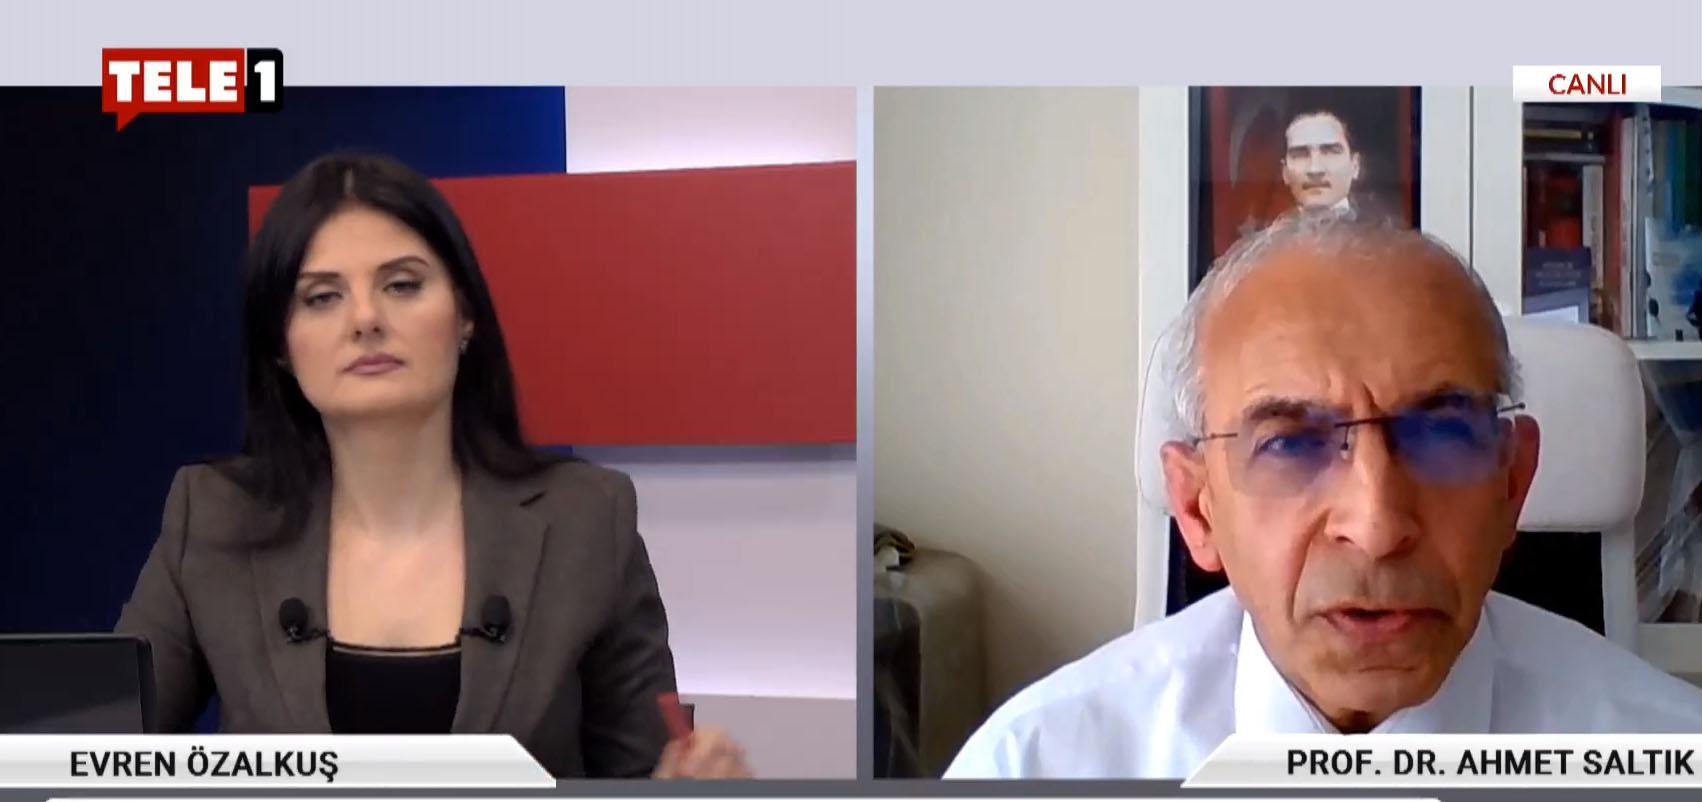 Prof. Dr. Ahmet Saltık: Veriler salgının sürdüğünü söylüyor, anormal yeni normale geçiyoruz!